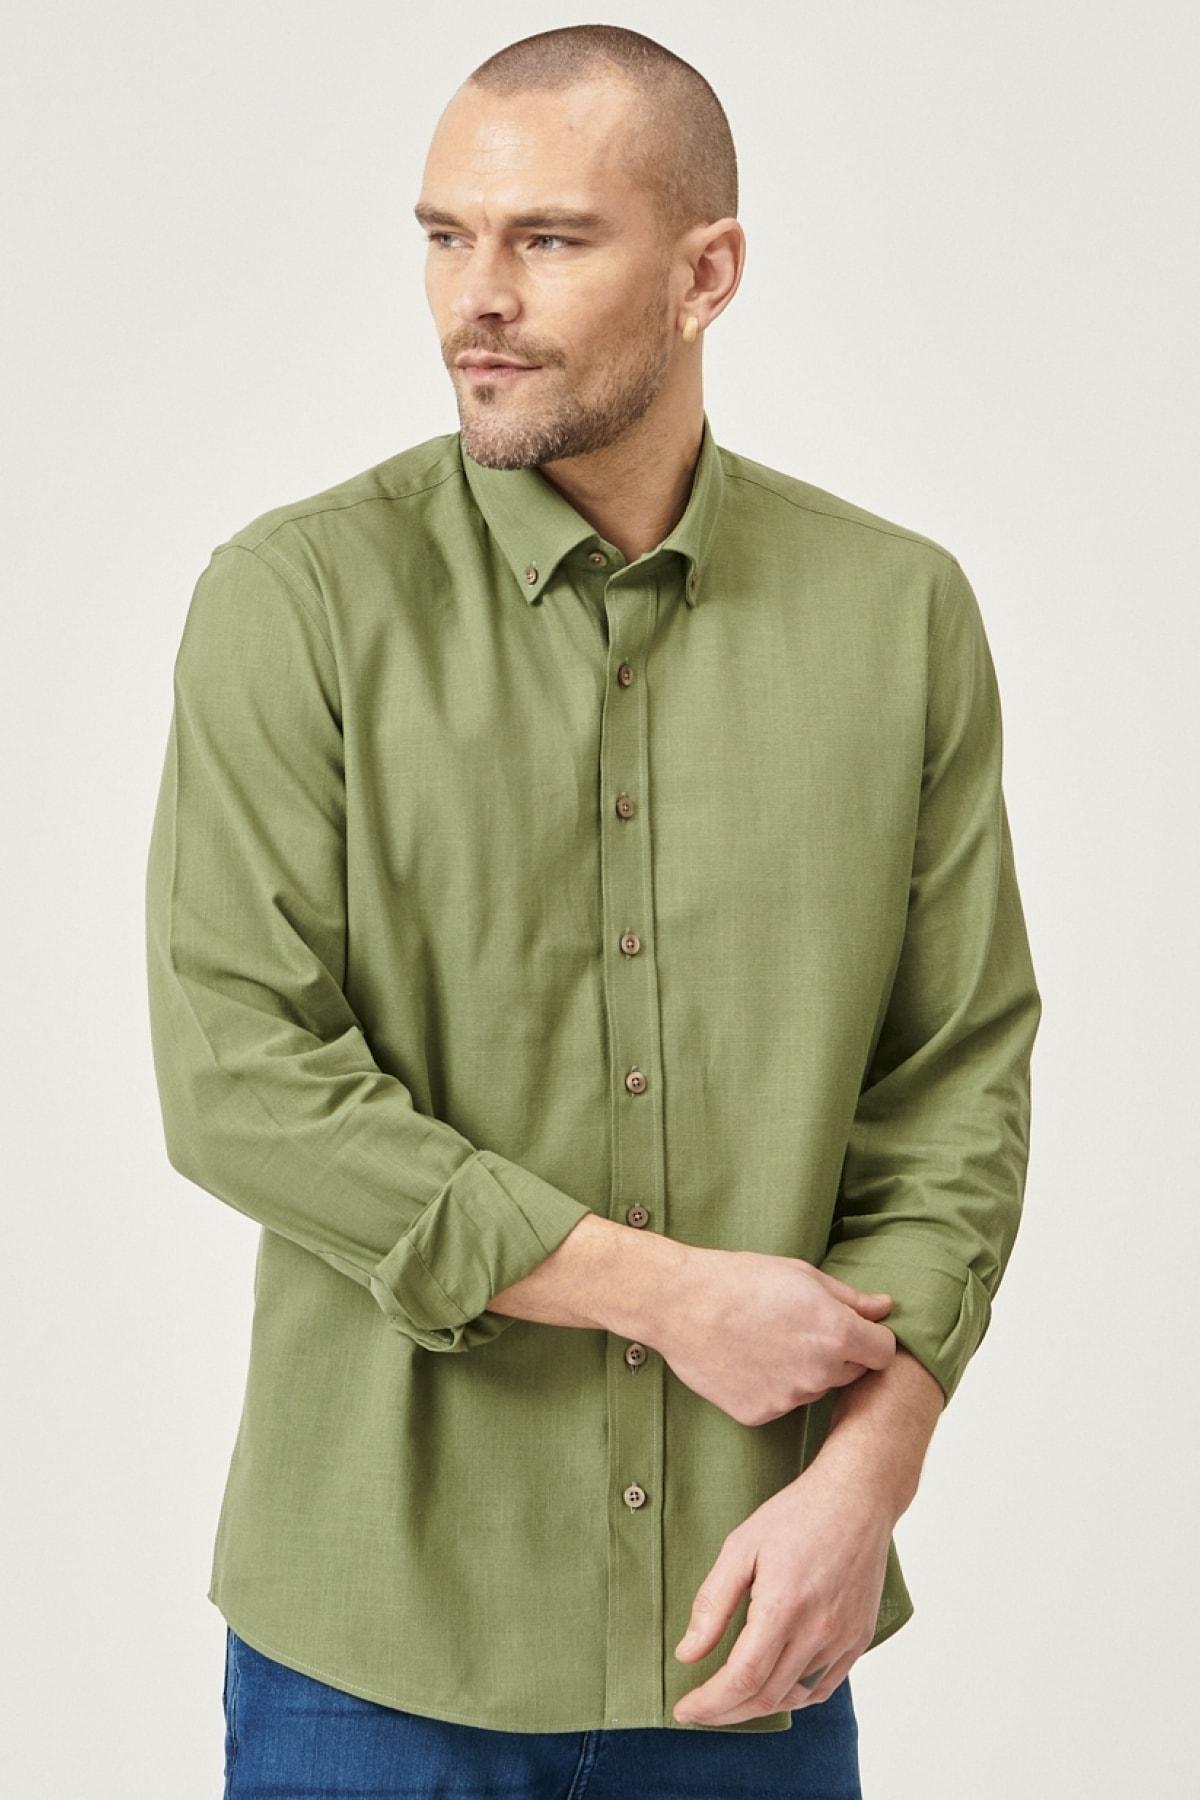 Erkek Haki Tailored Slim Fit Dar Kesim Düğmeli Yaka %100 Koton Gömlek